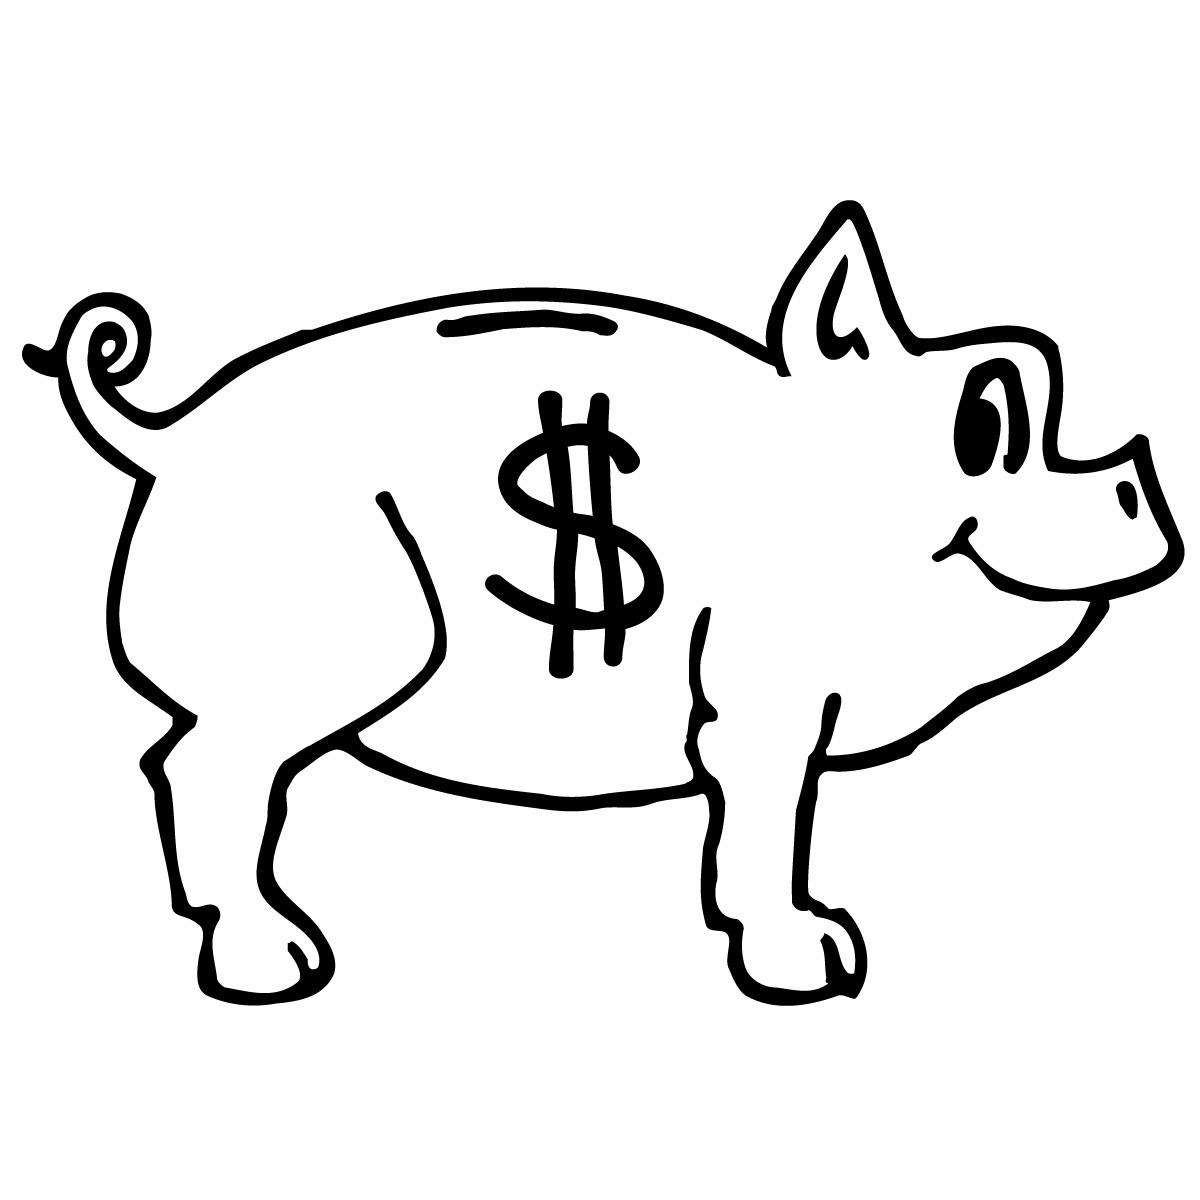 hight resolution of clip art money dollar sign 1